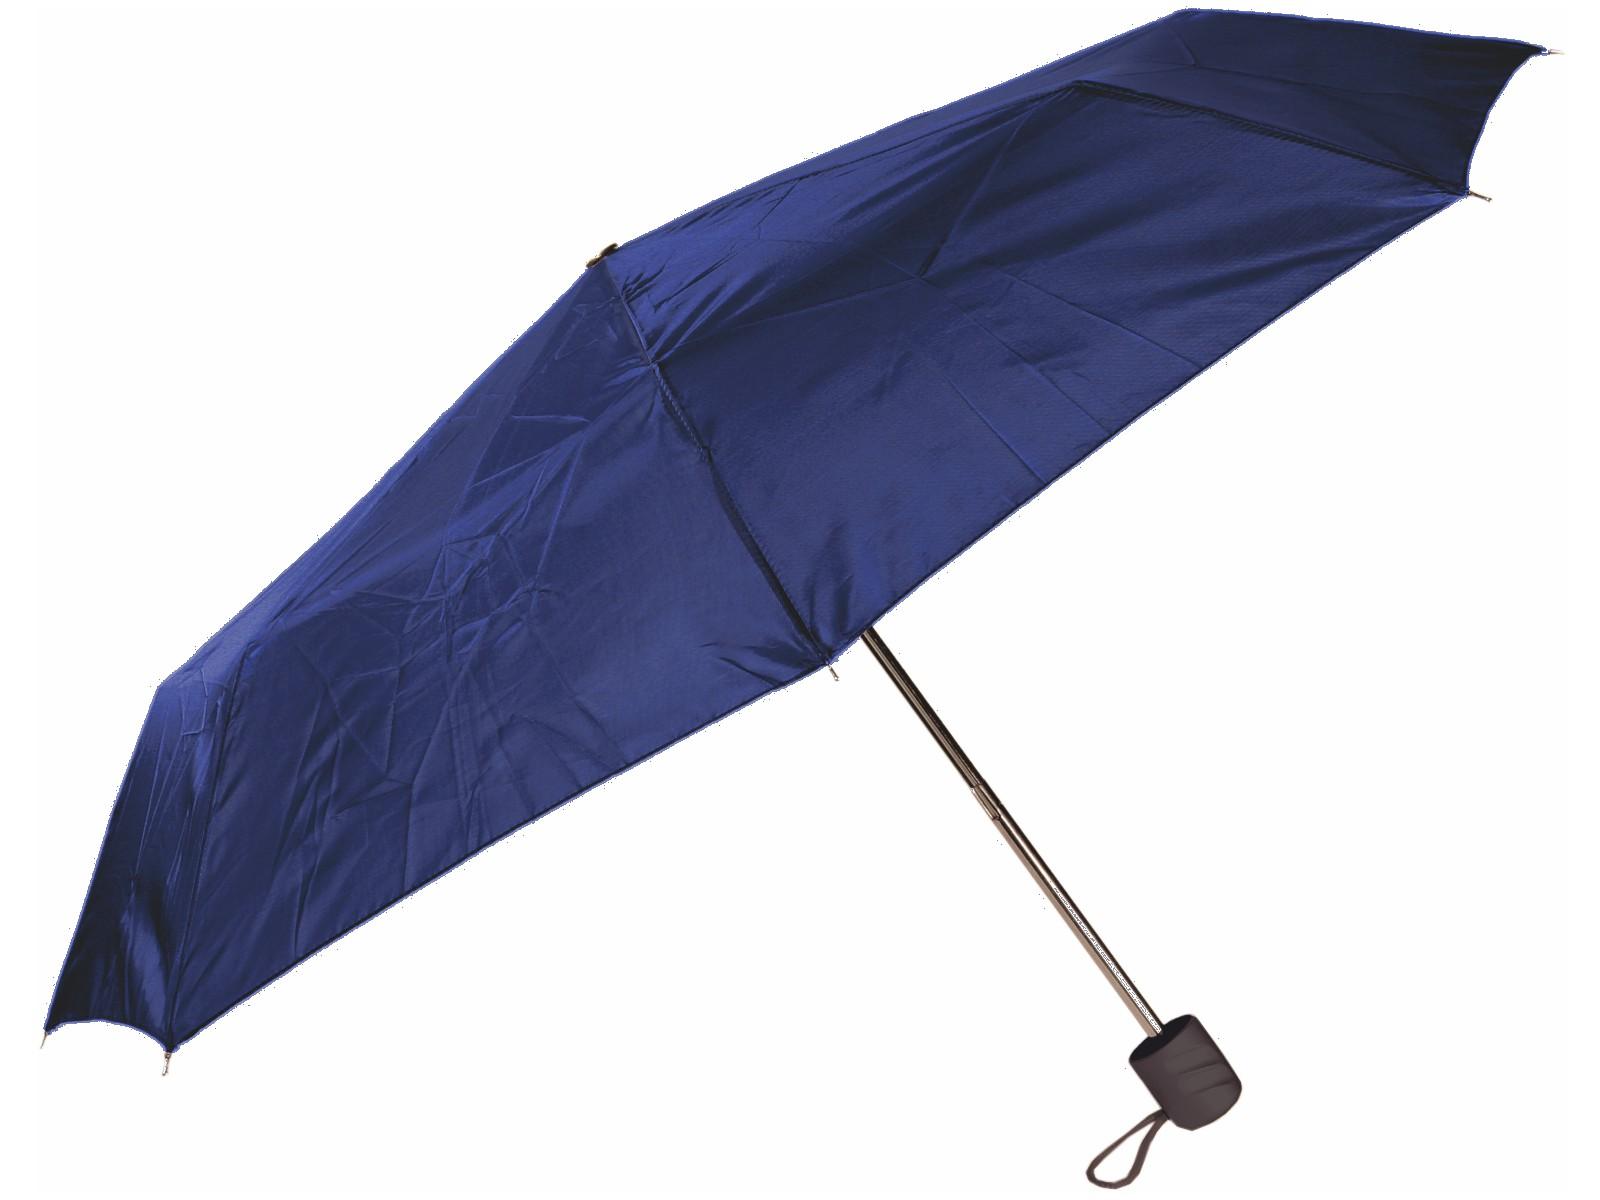 Taschen-Regenschirm Blau